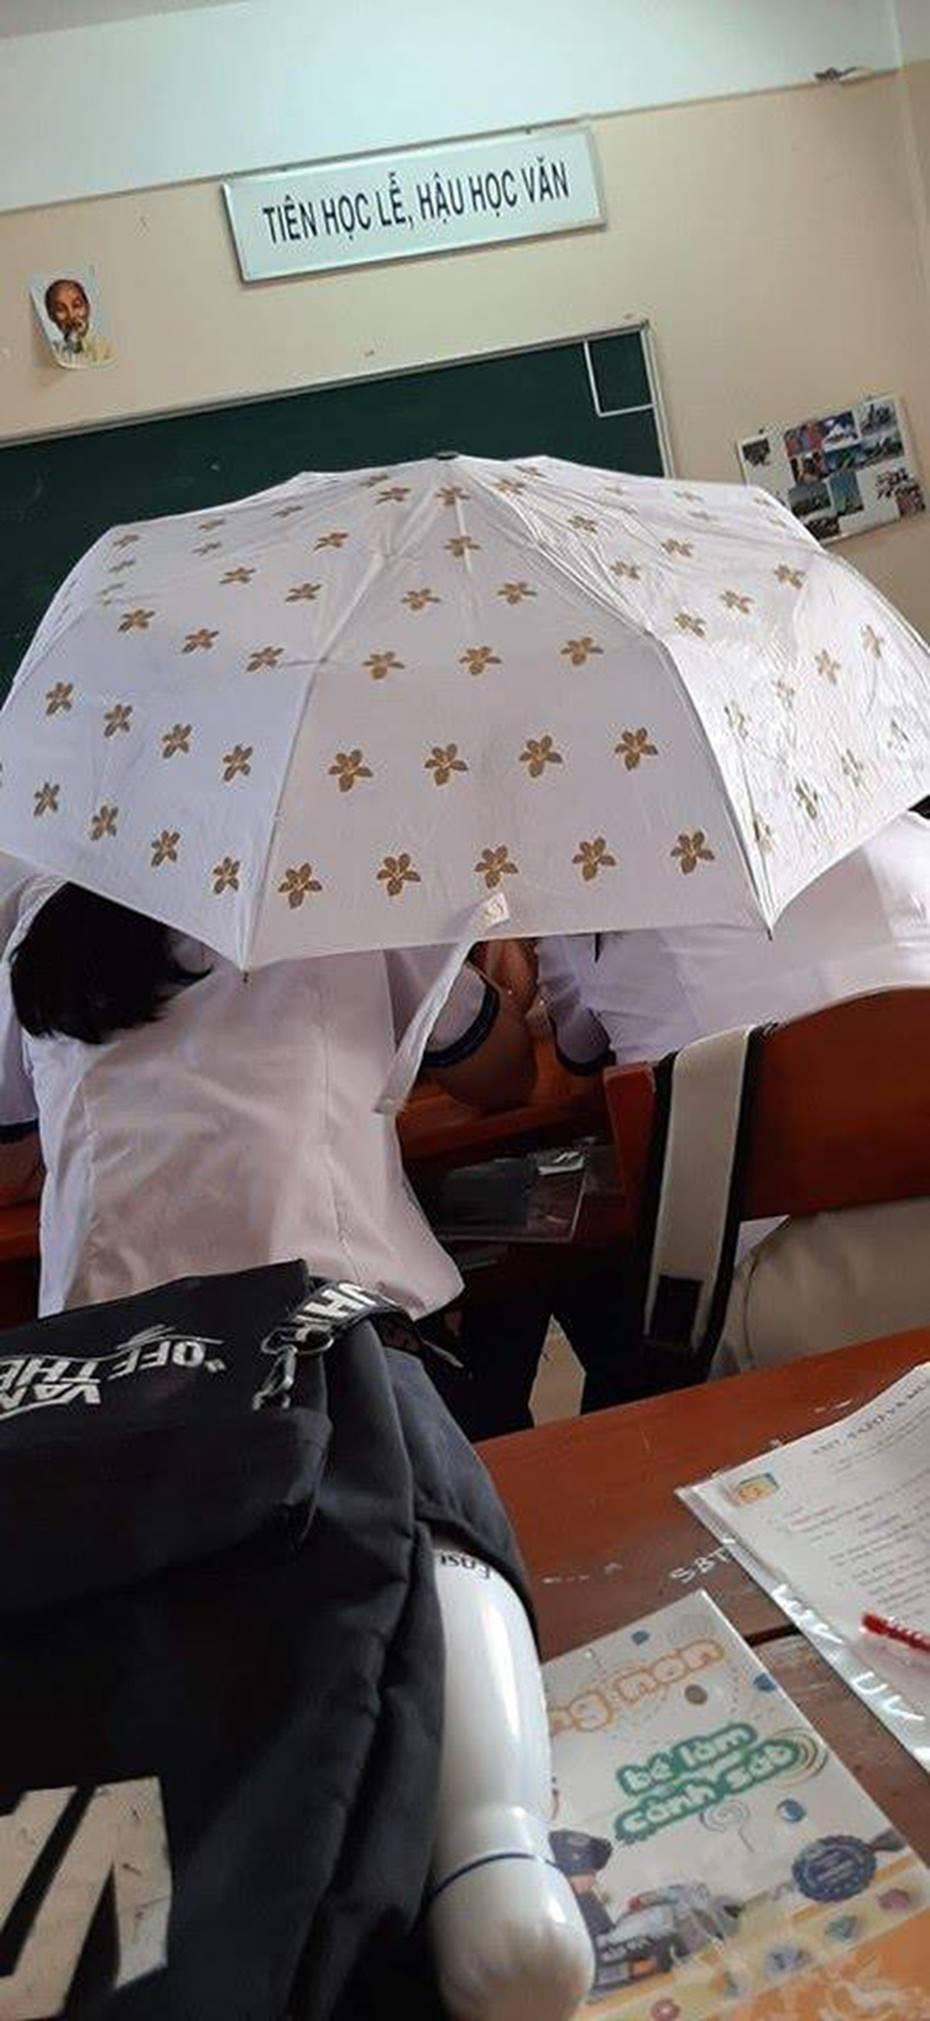 Trần nhà bị dột, hai nam sinh mang luôn ô vào phòng ngồi học ung dung-3